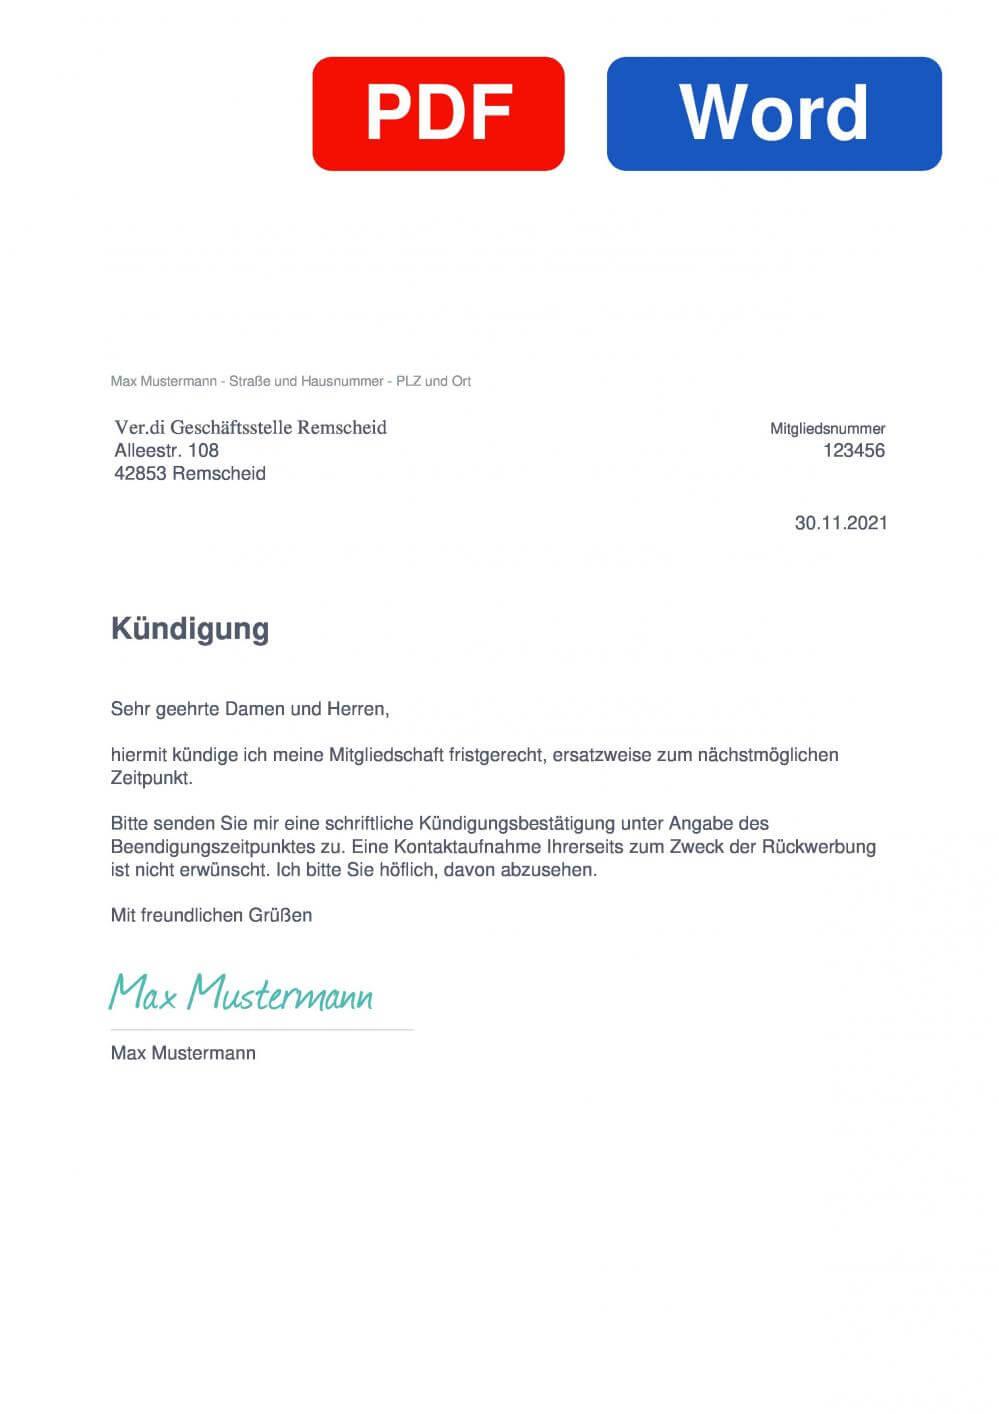 Verdi Remscheid Muster Vorlage für Kündigungsschreiben